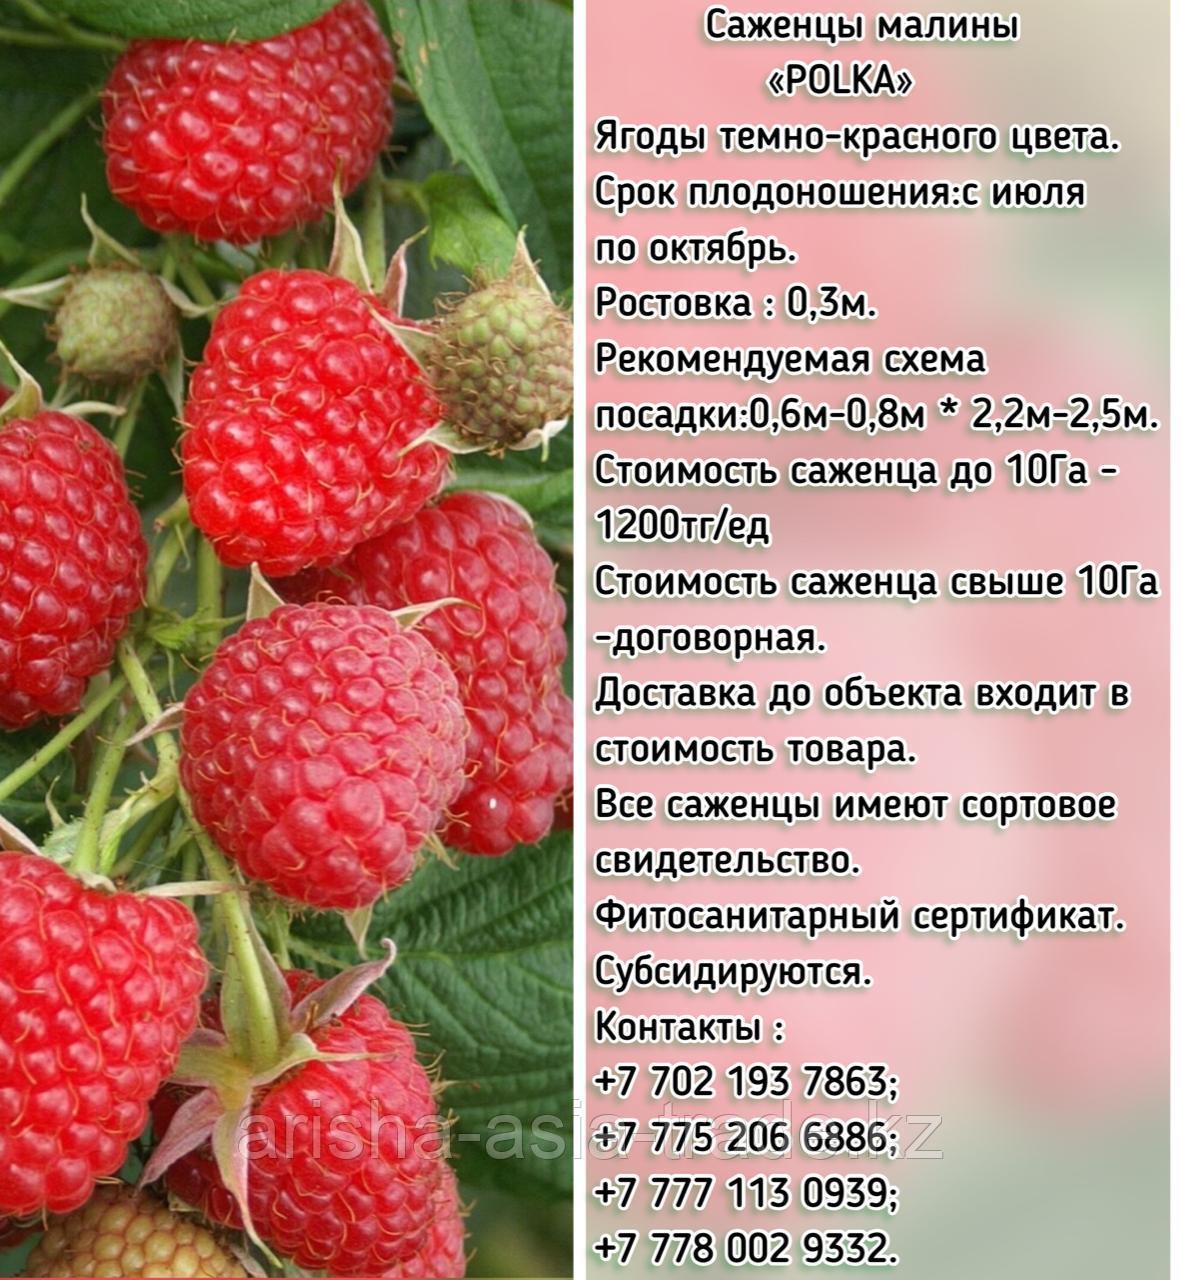 """Саженцы малины """"Polka"""" (Полька)  Сербия"""